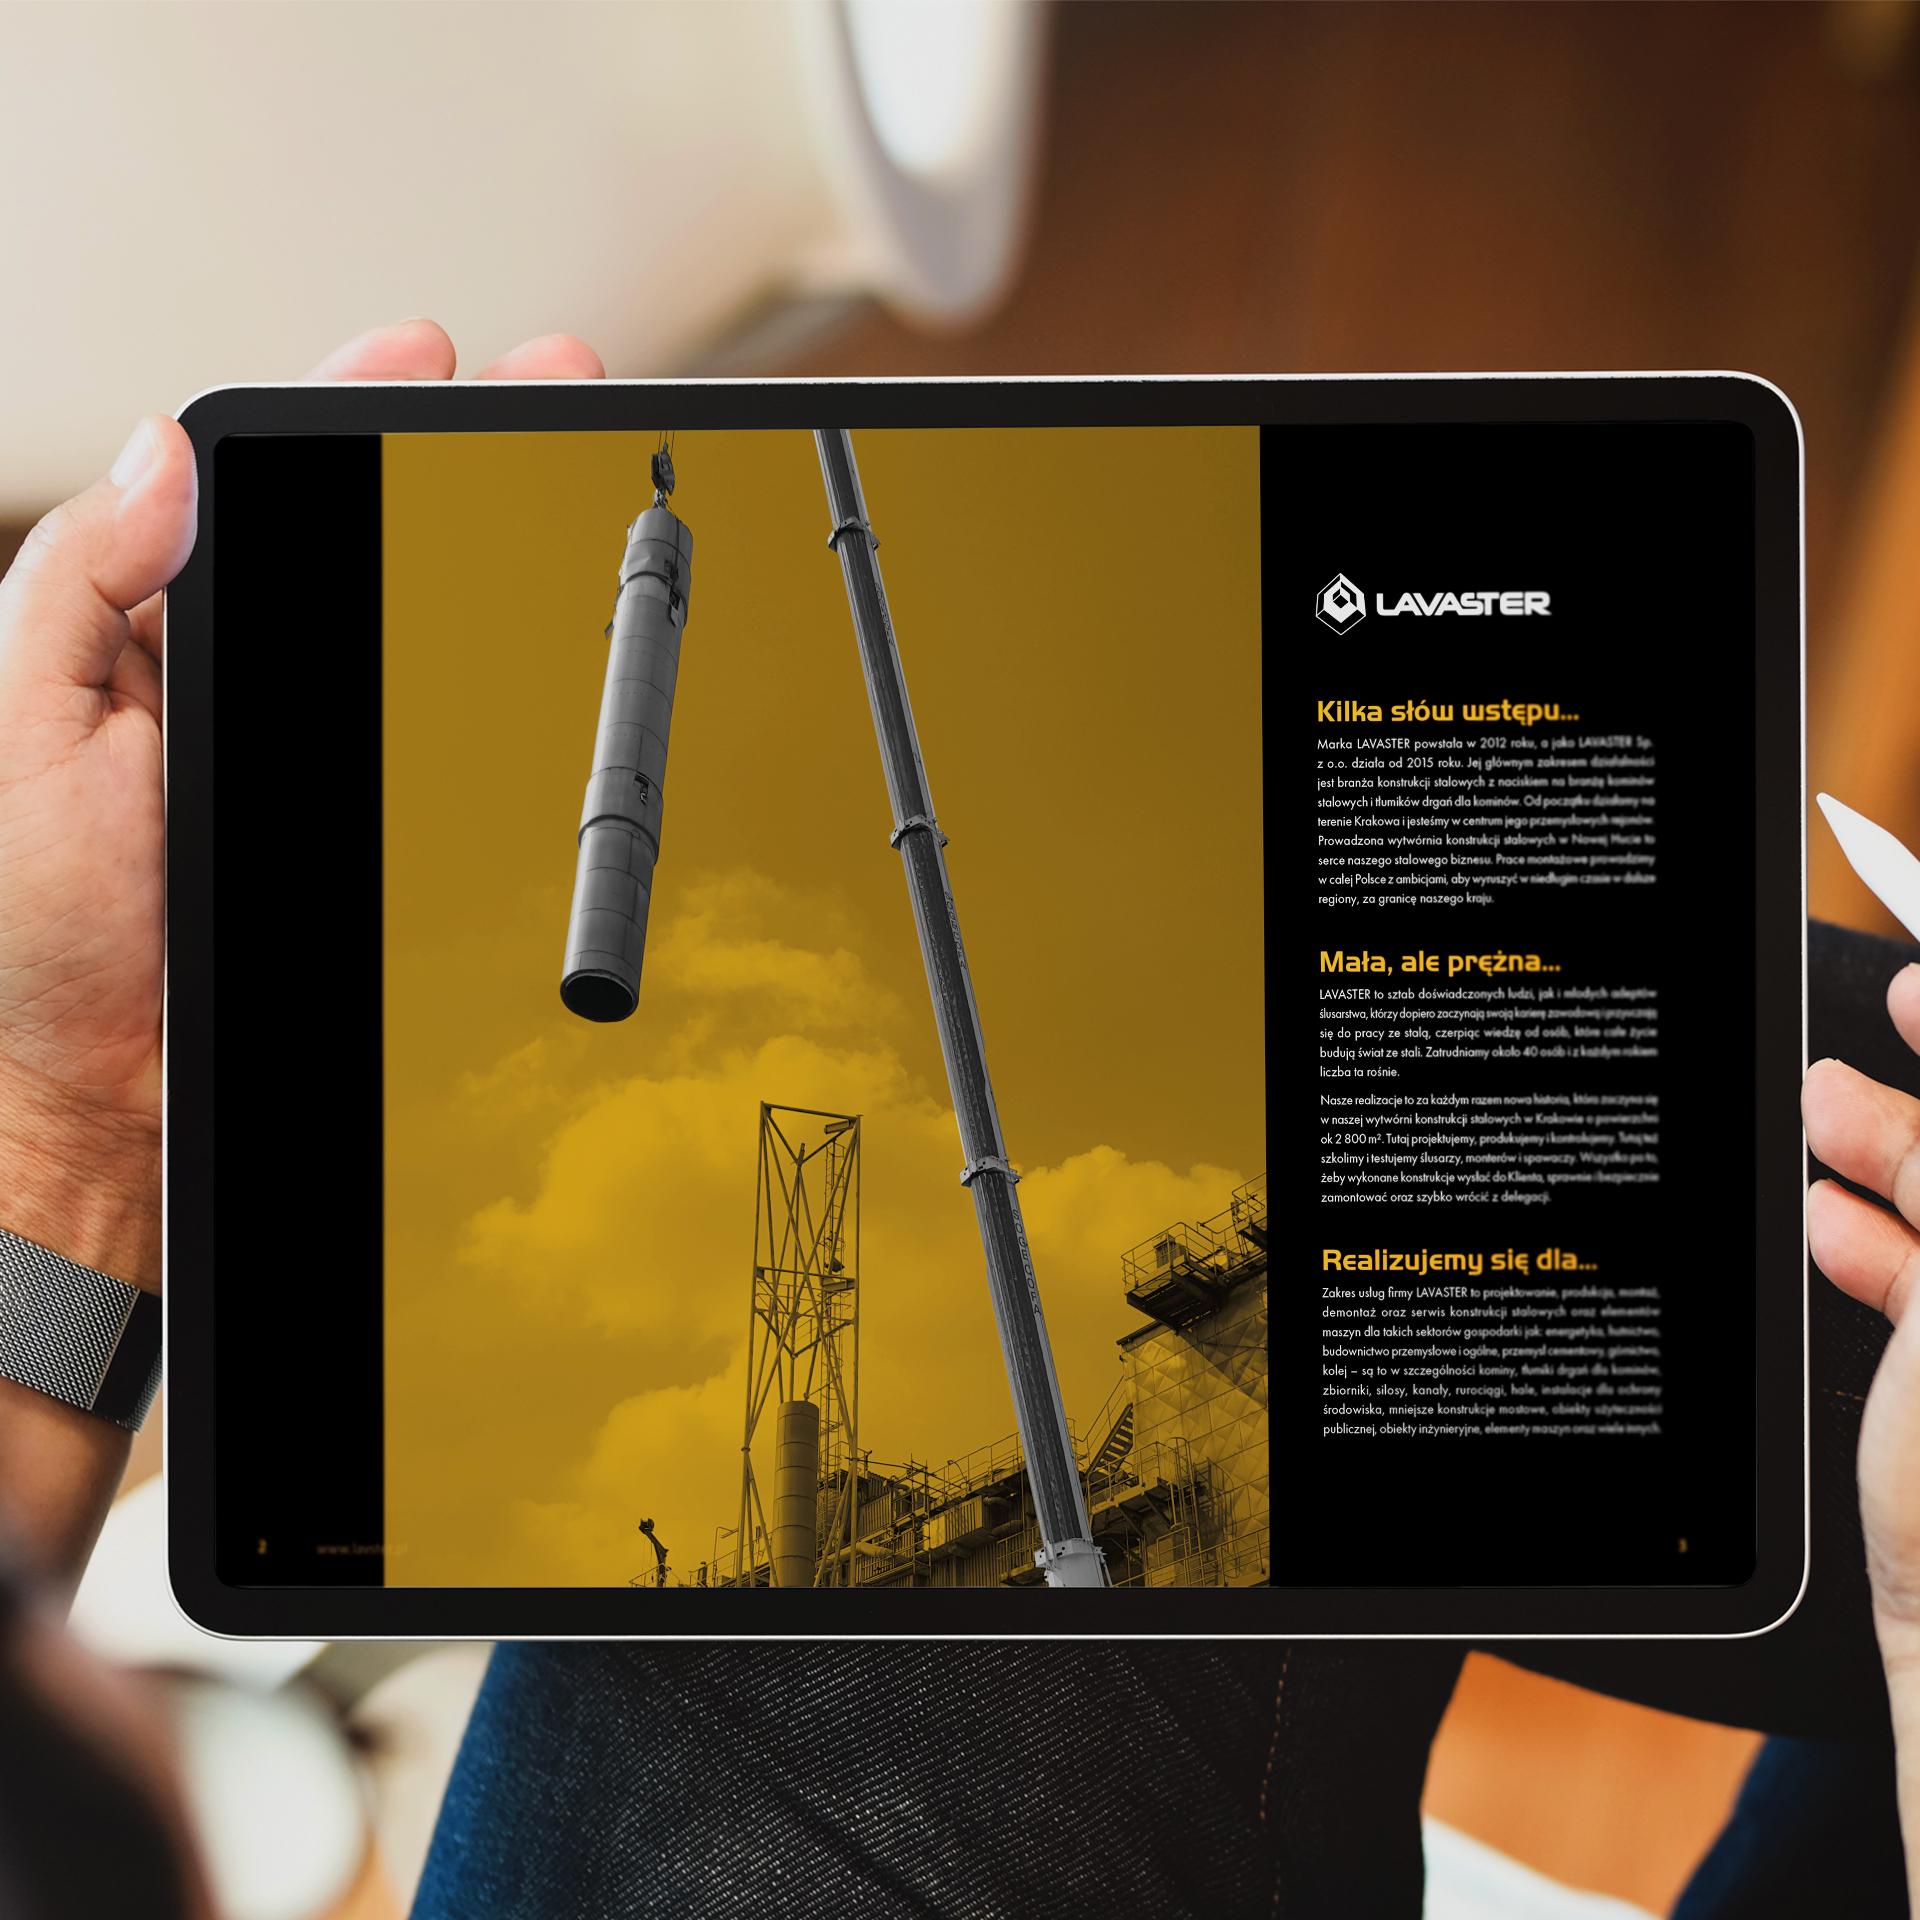 Tablet z wyświetlonym katalogiem usług firmy Lavaster